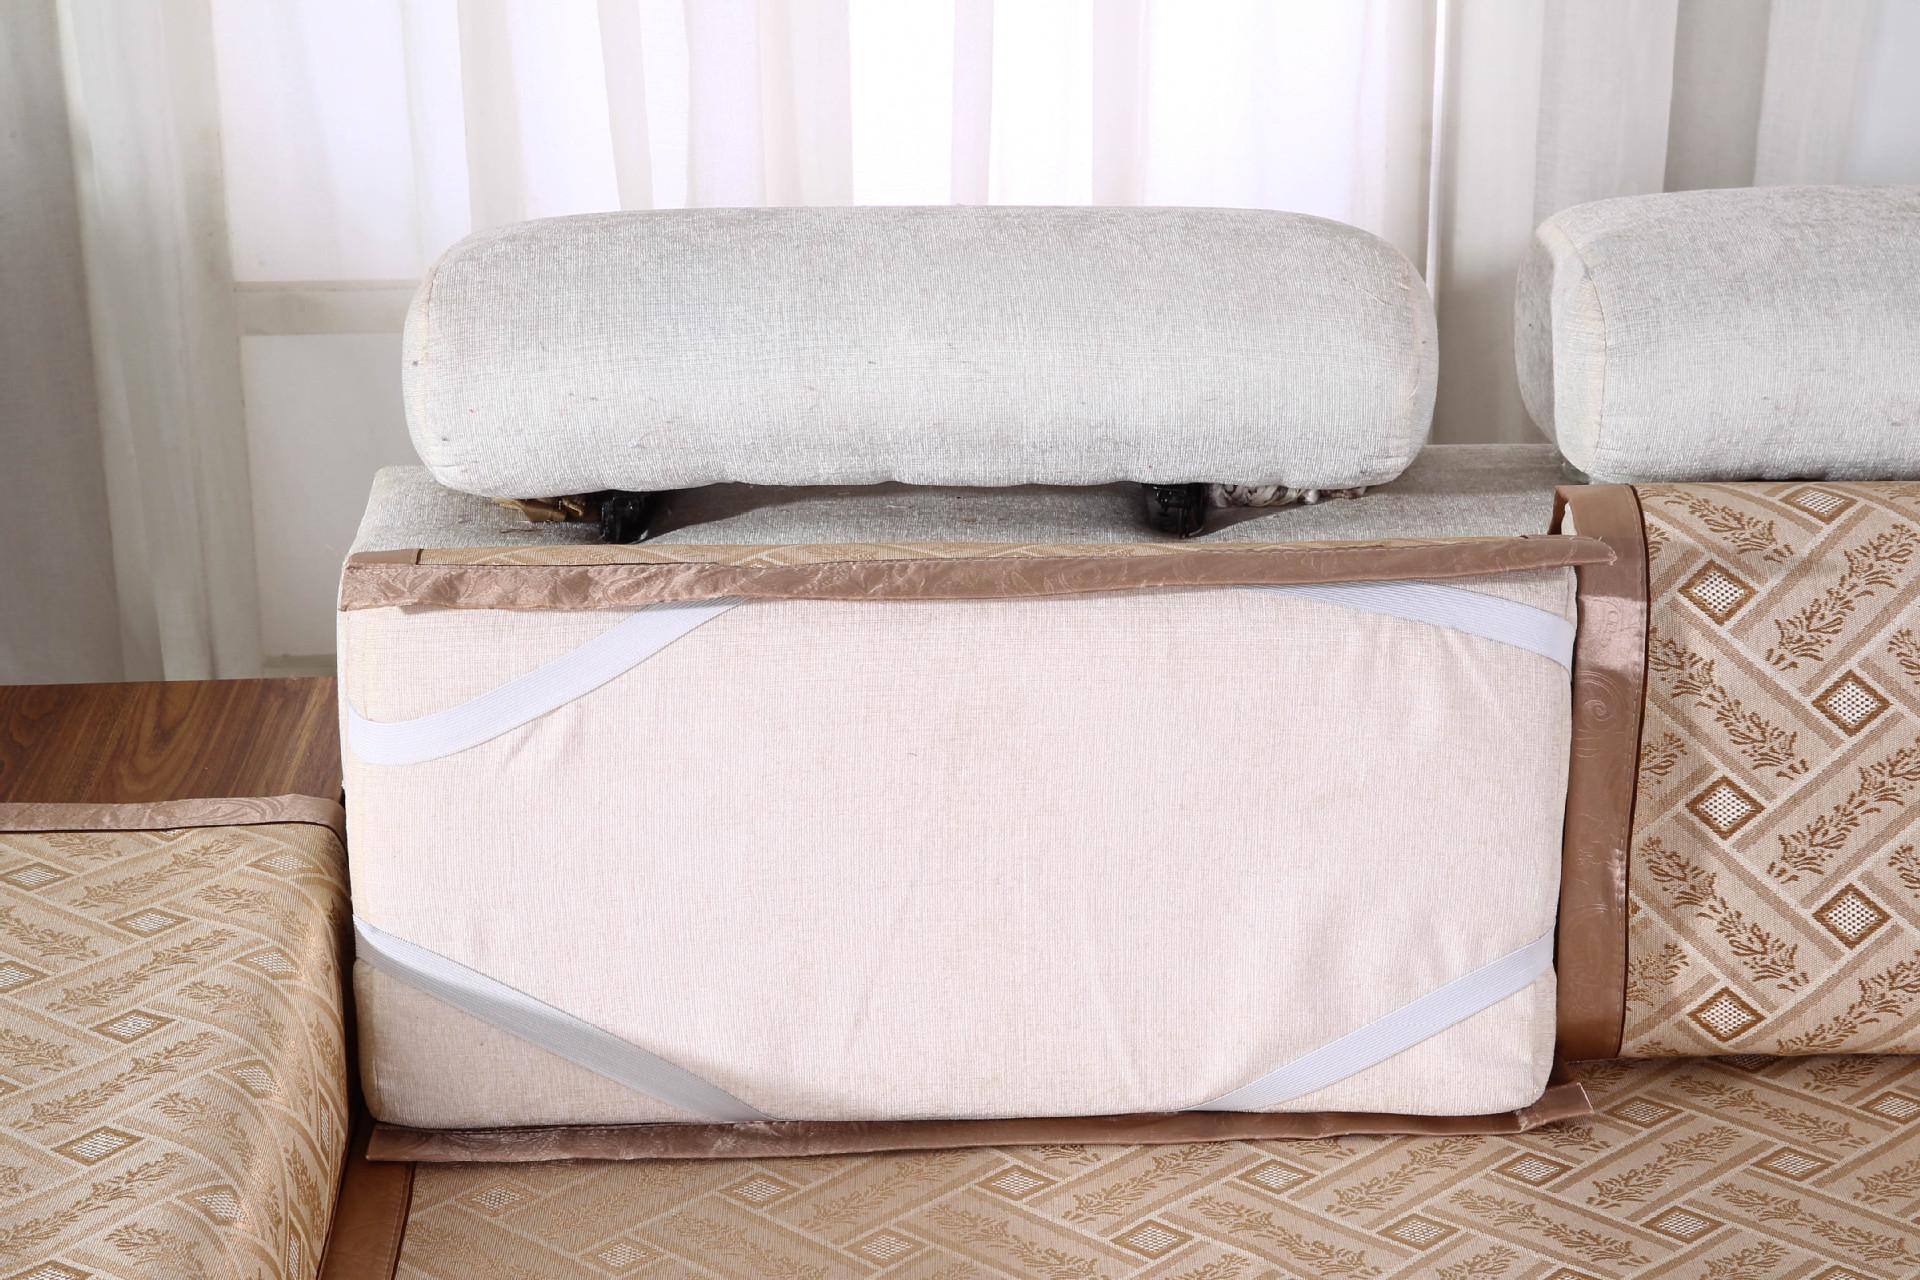 布艺沙发垫 夏季加厚沙发坐垫夏凉席坐垫布艺防滑沙发垫厂家直 阿里